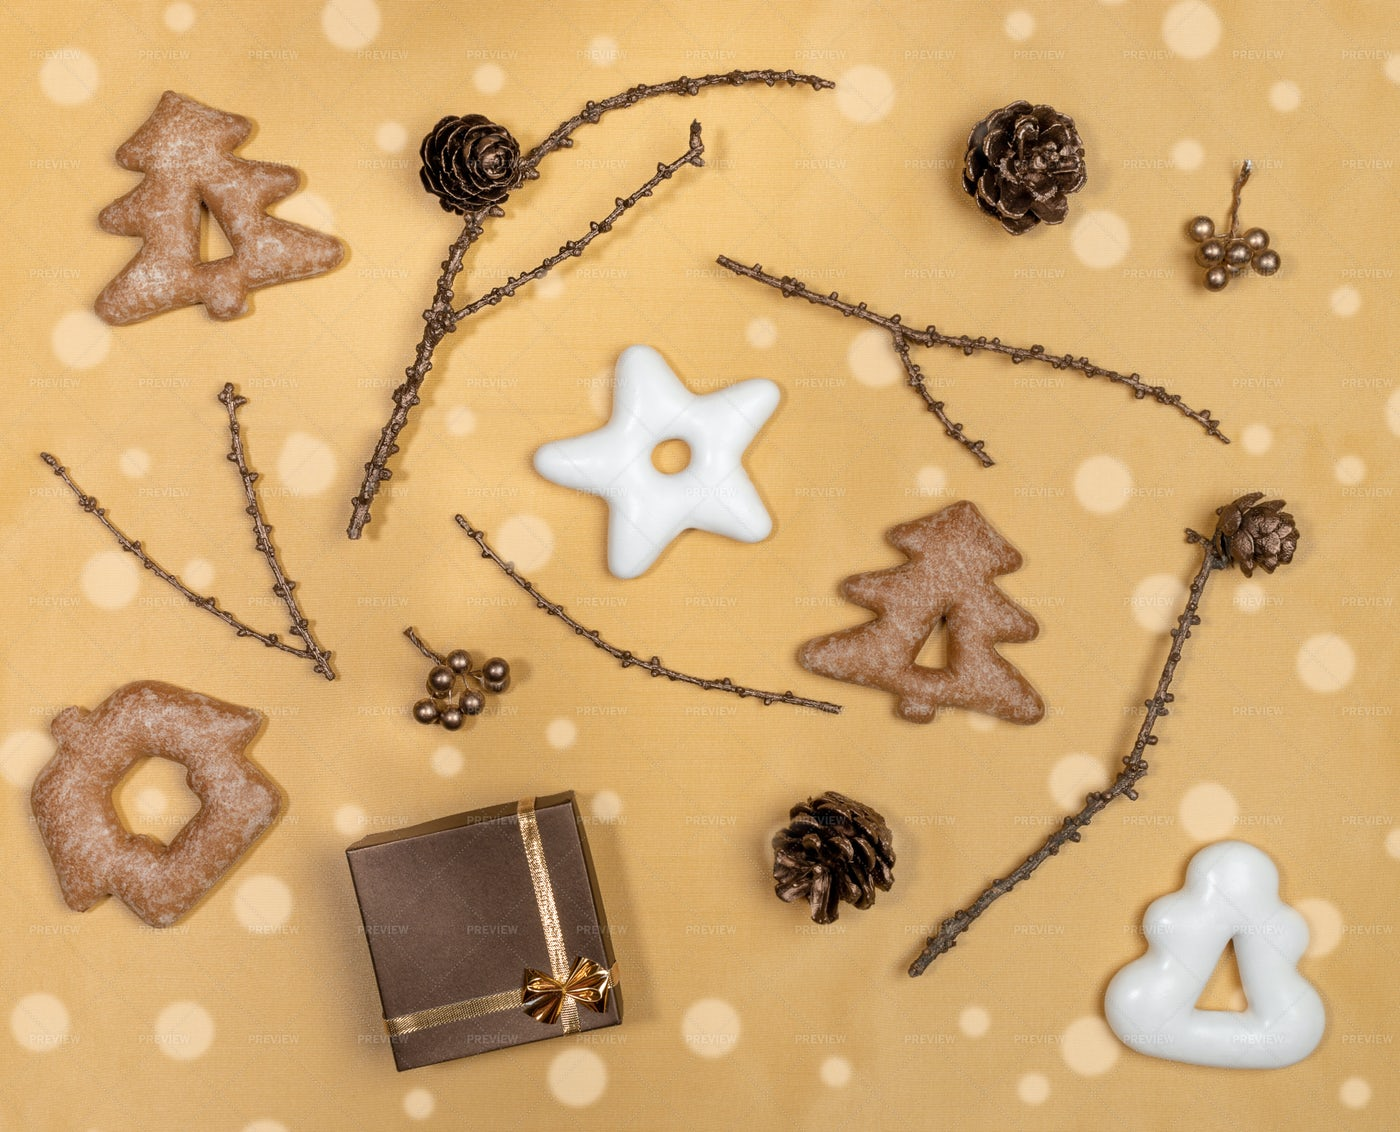 Christmas Golden Flat Lay Layout.: Stock Photos